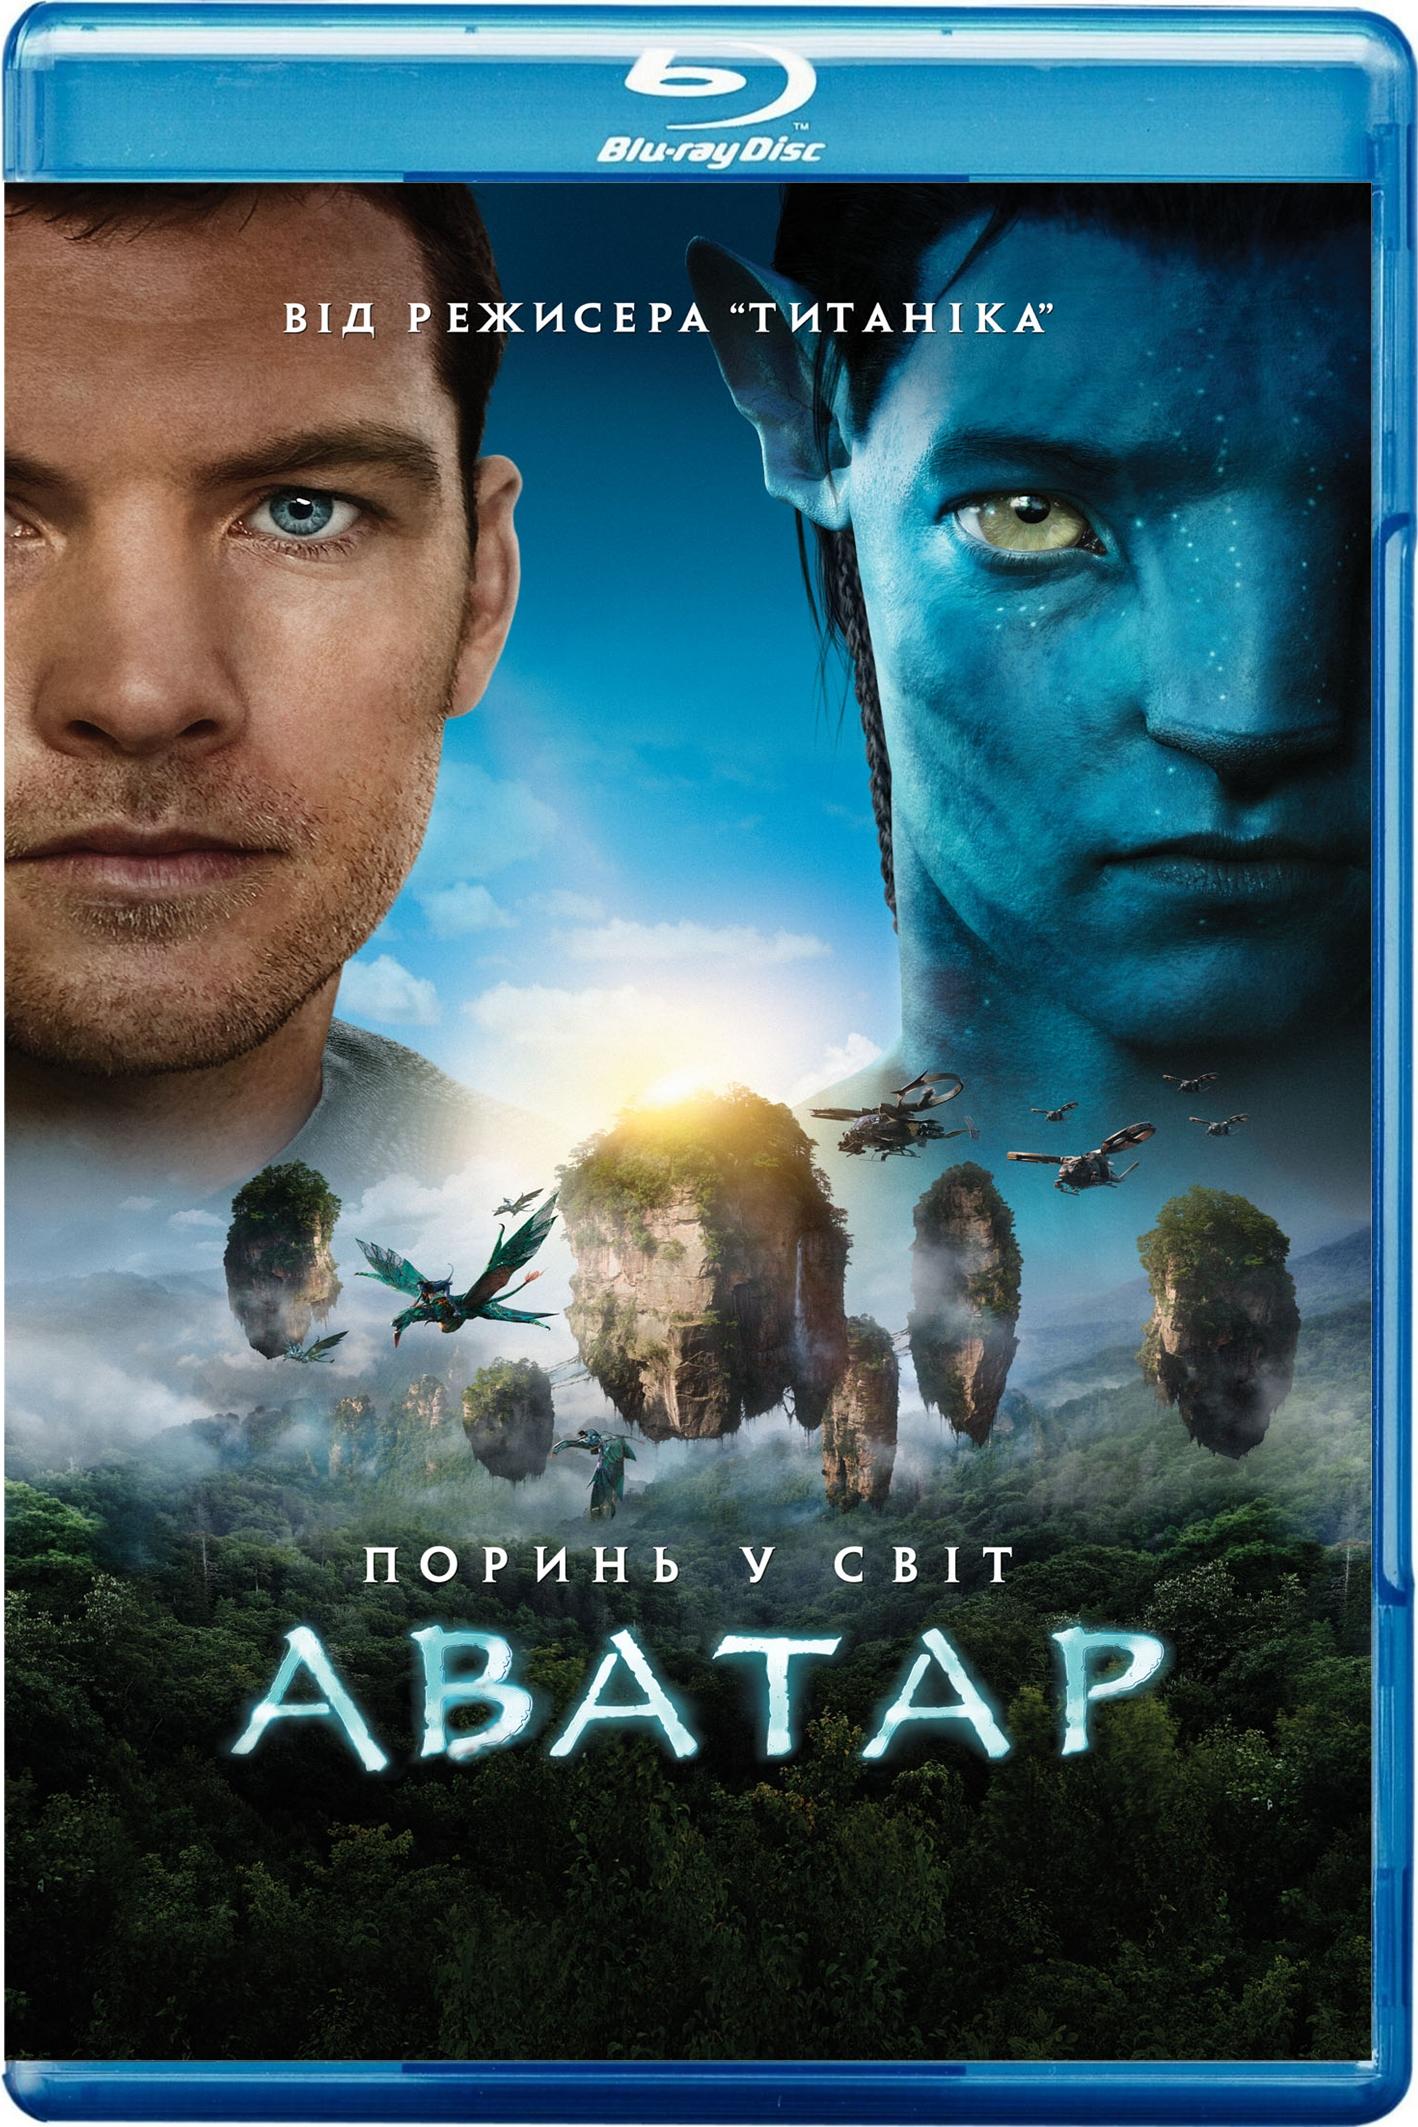 Изображение для Аватар [театральна версія] / Avatar (2009) BDRip 720p (60fps) [Ukr/Eng] (кликните для просмотра полного изображения)